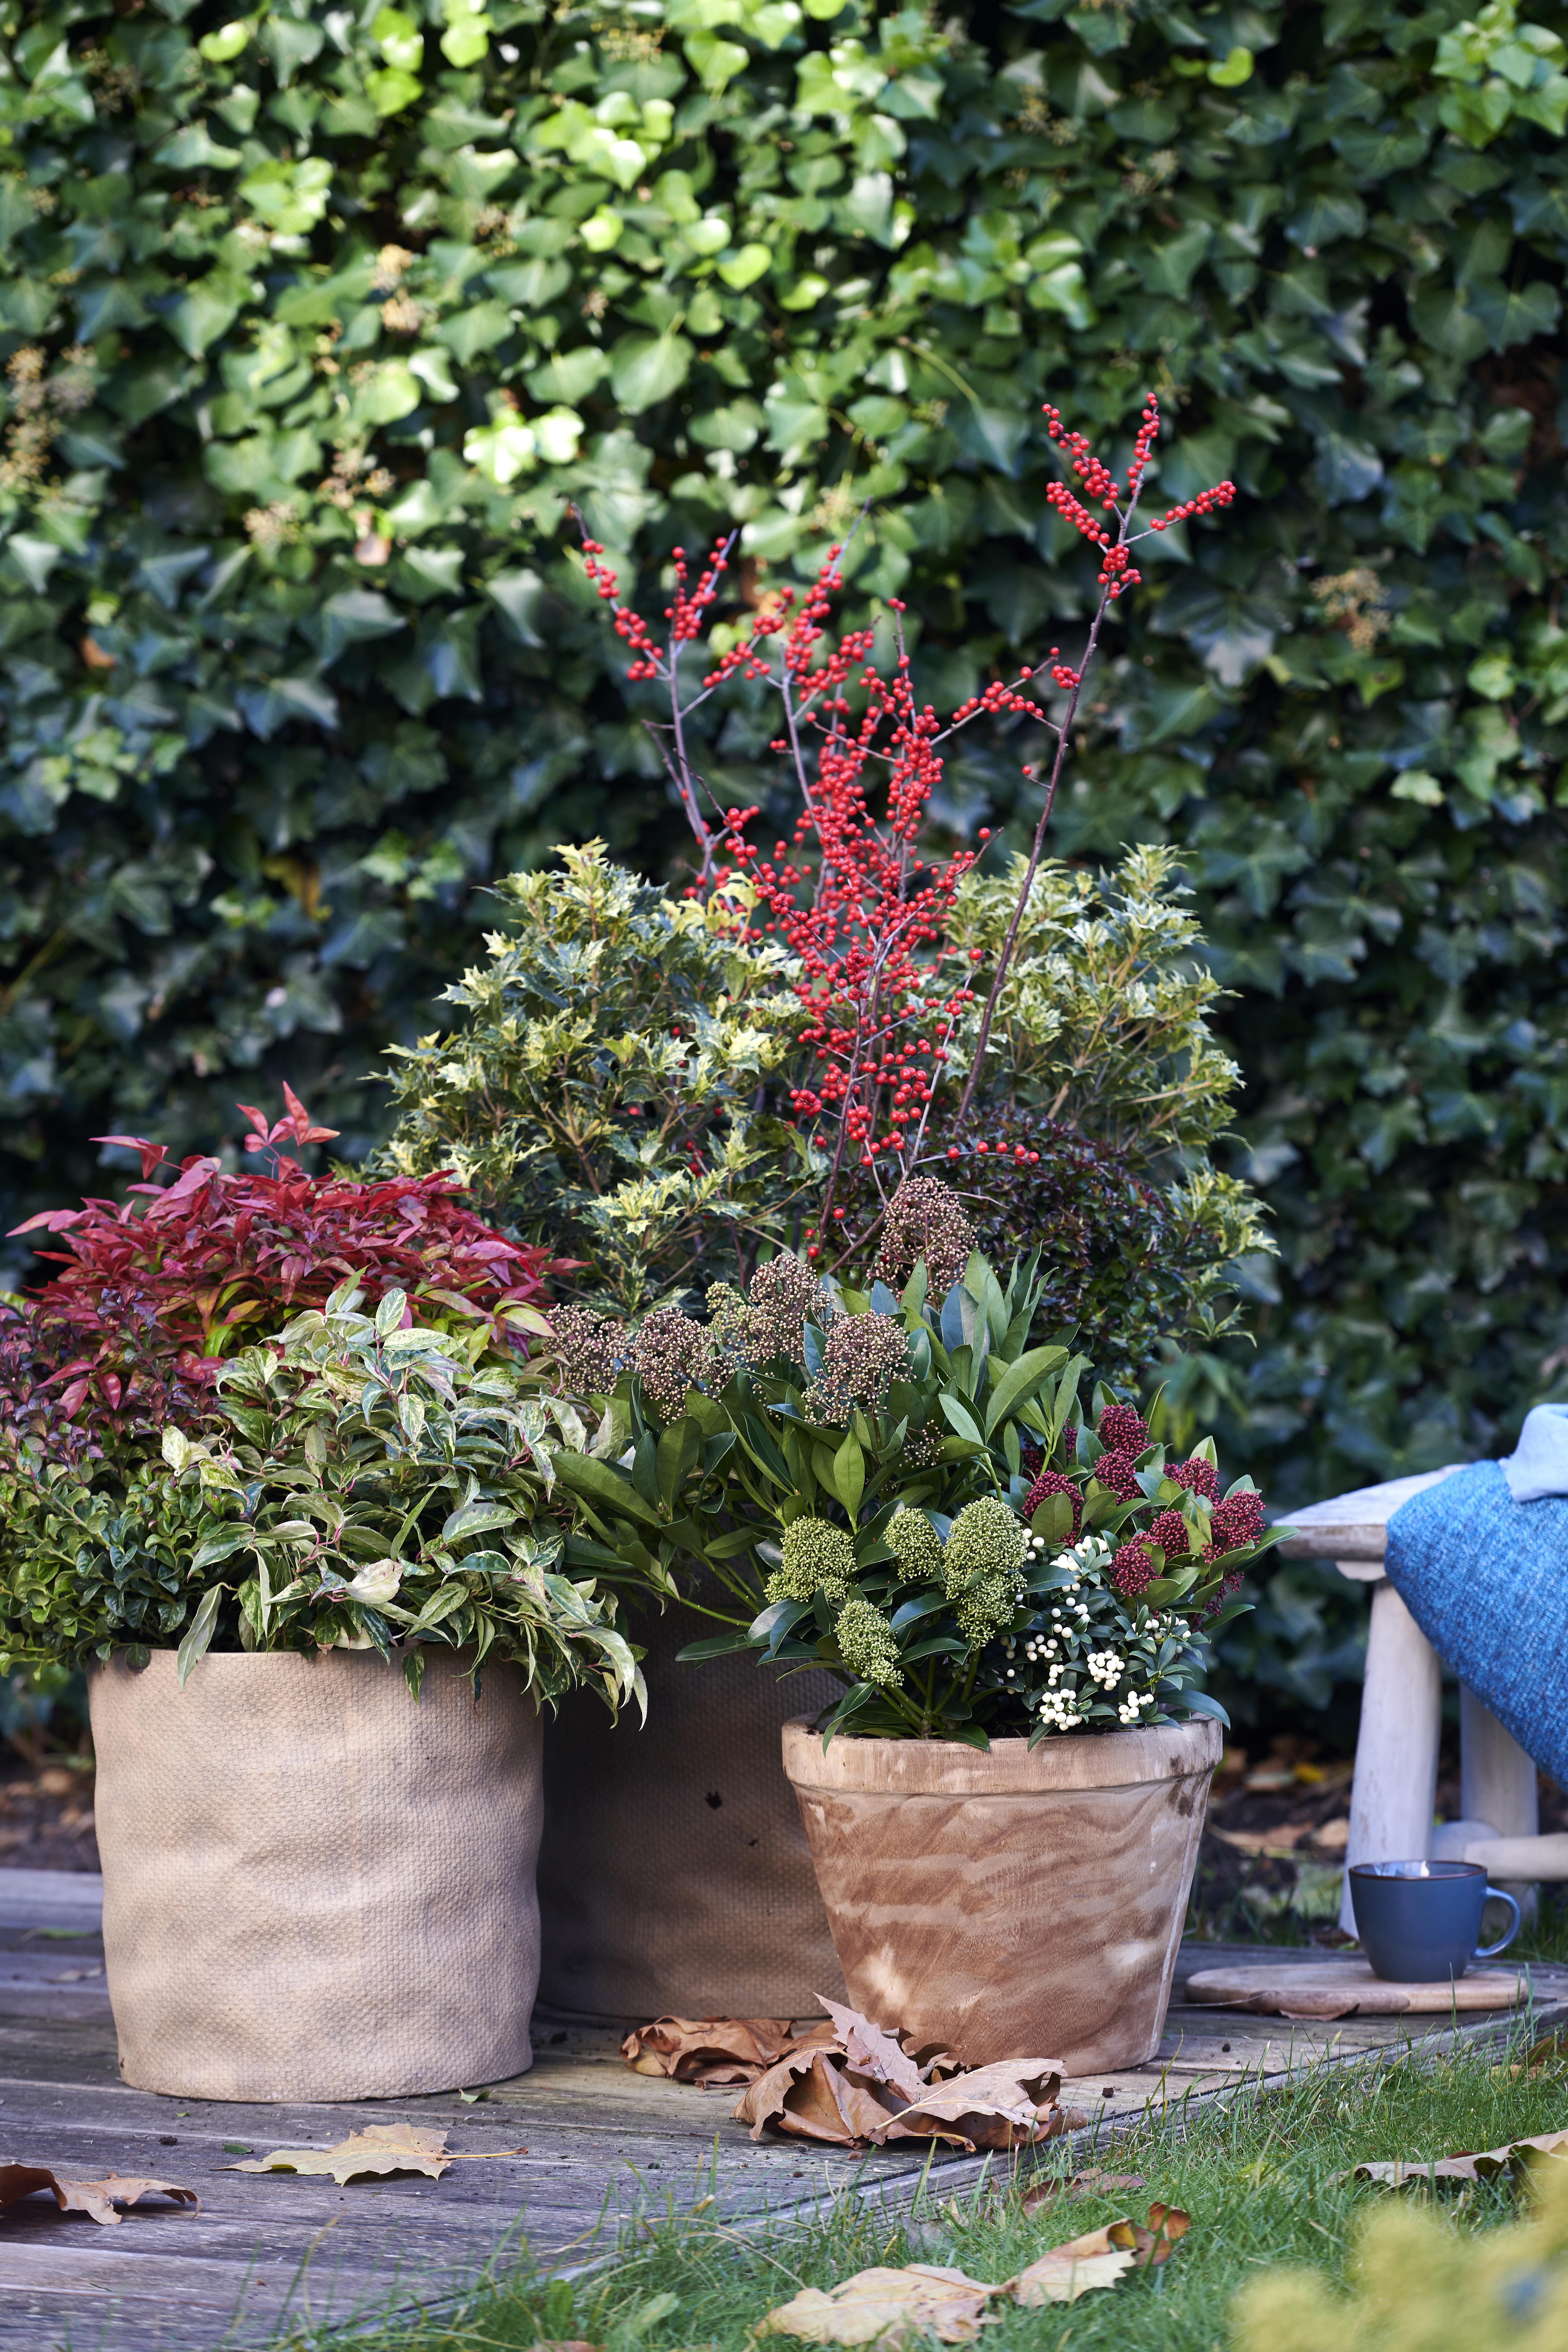 Rode Tuinplanten: Tuinplanten van de maand november 2019